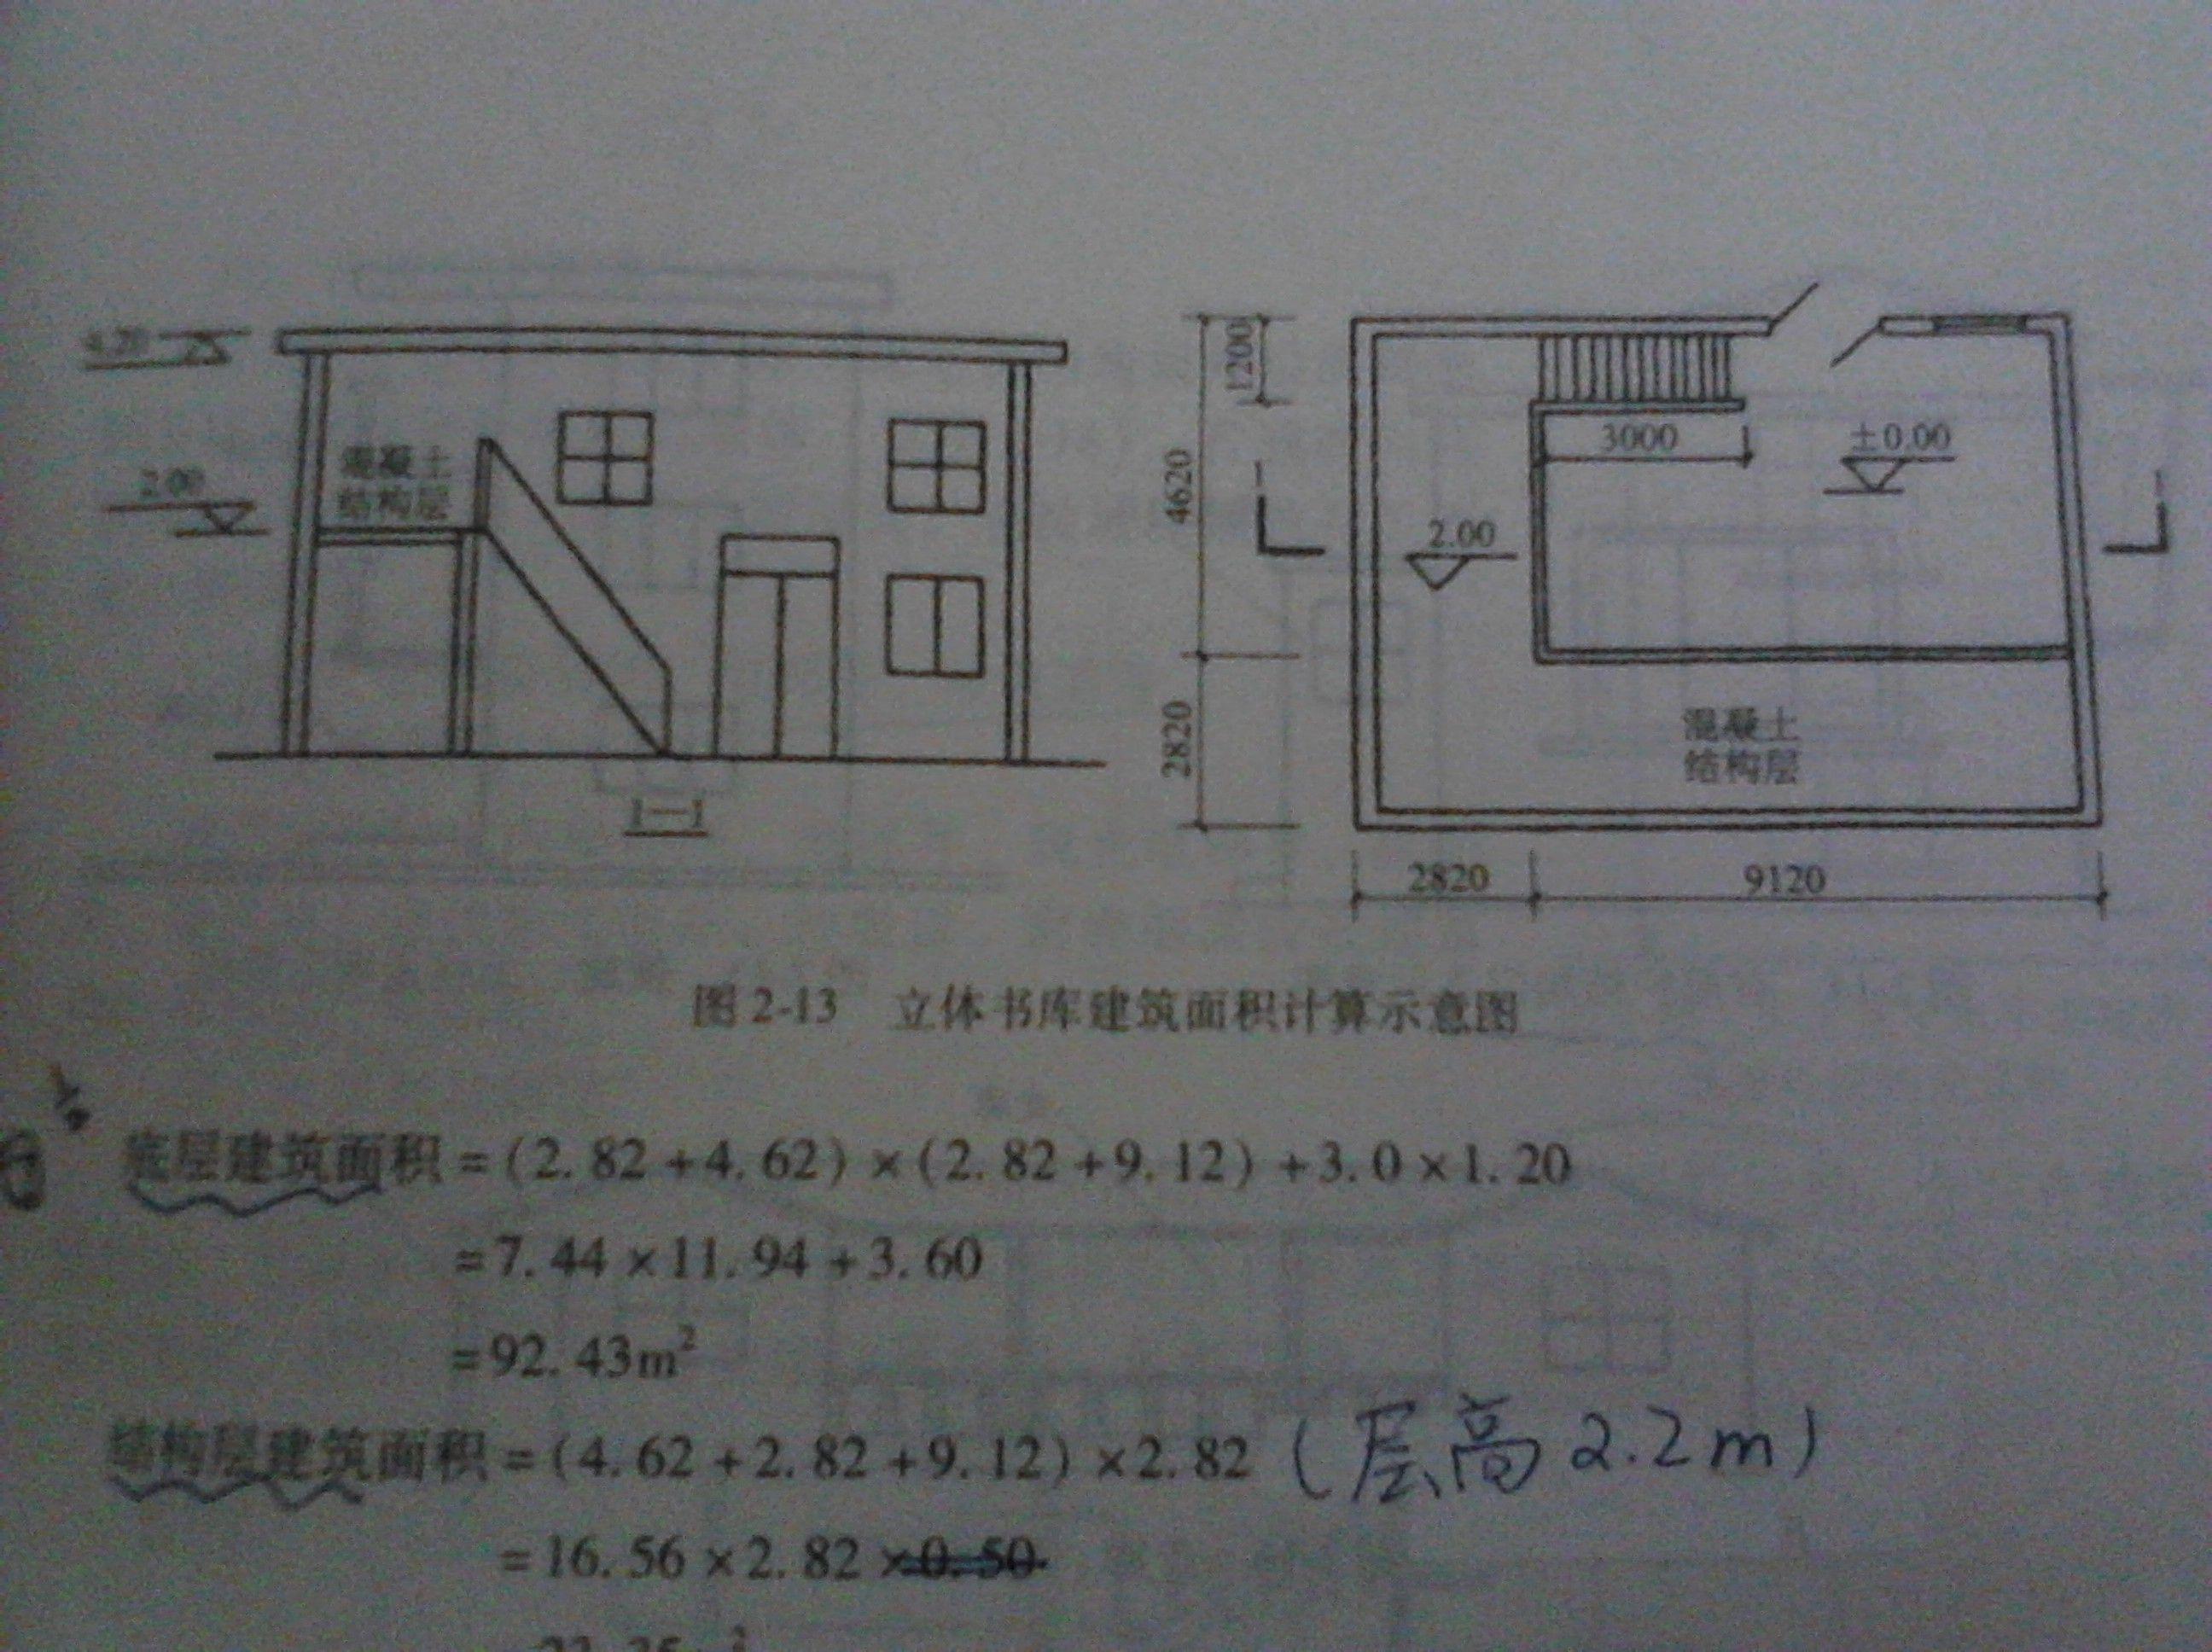 求立体书库的建筑面积,我觉得答案给的底层建筑面积是